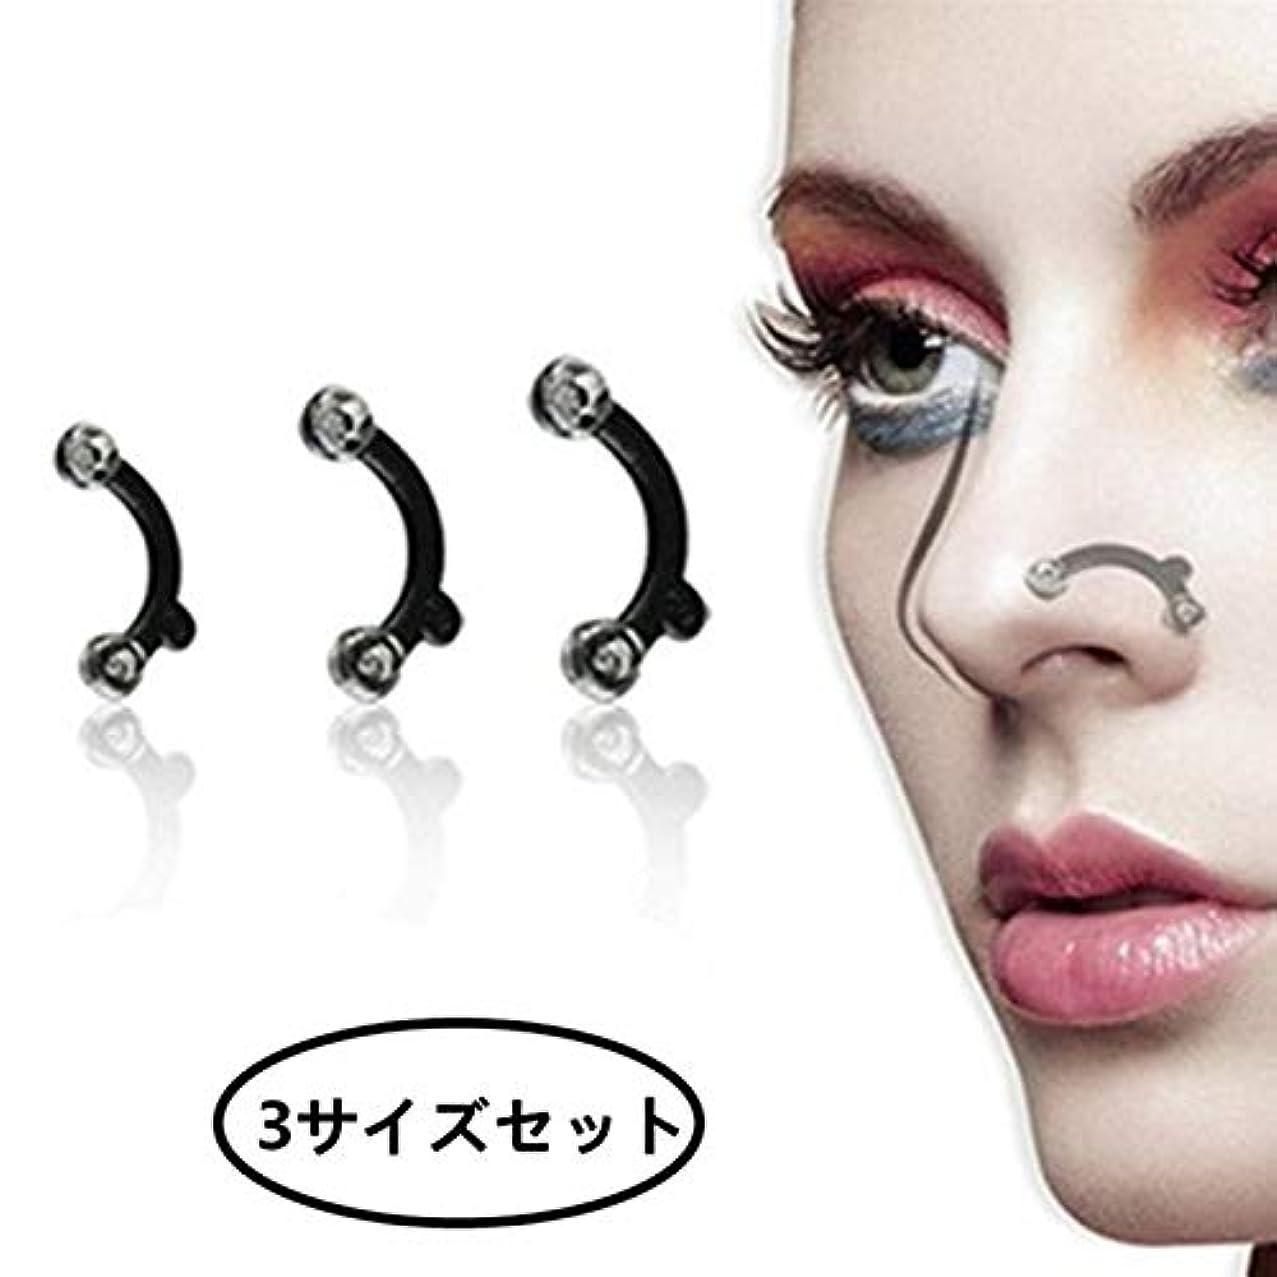 気性暫定鉛鼻プチ 柔軟性高く ビューティー 矯正プチ 整形せ 24.5mm/25.5mm/27mm 全3サイズセット ブラック